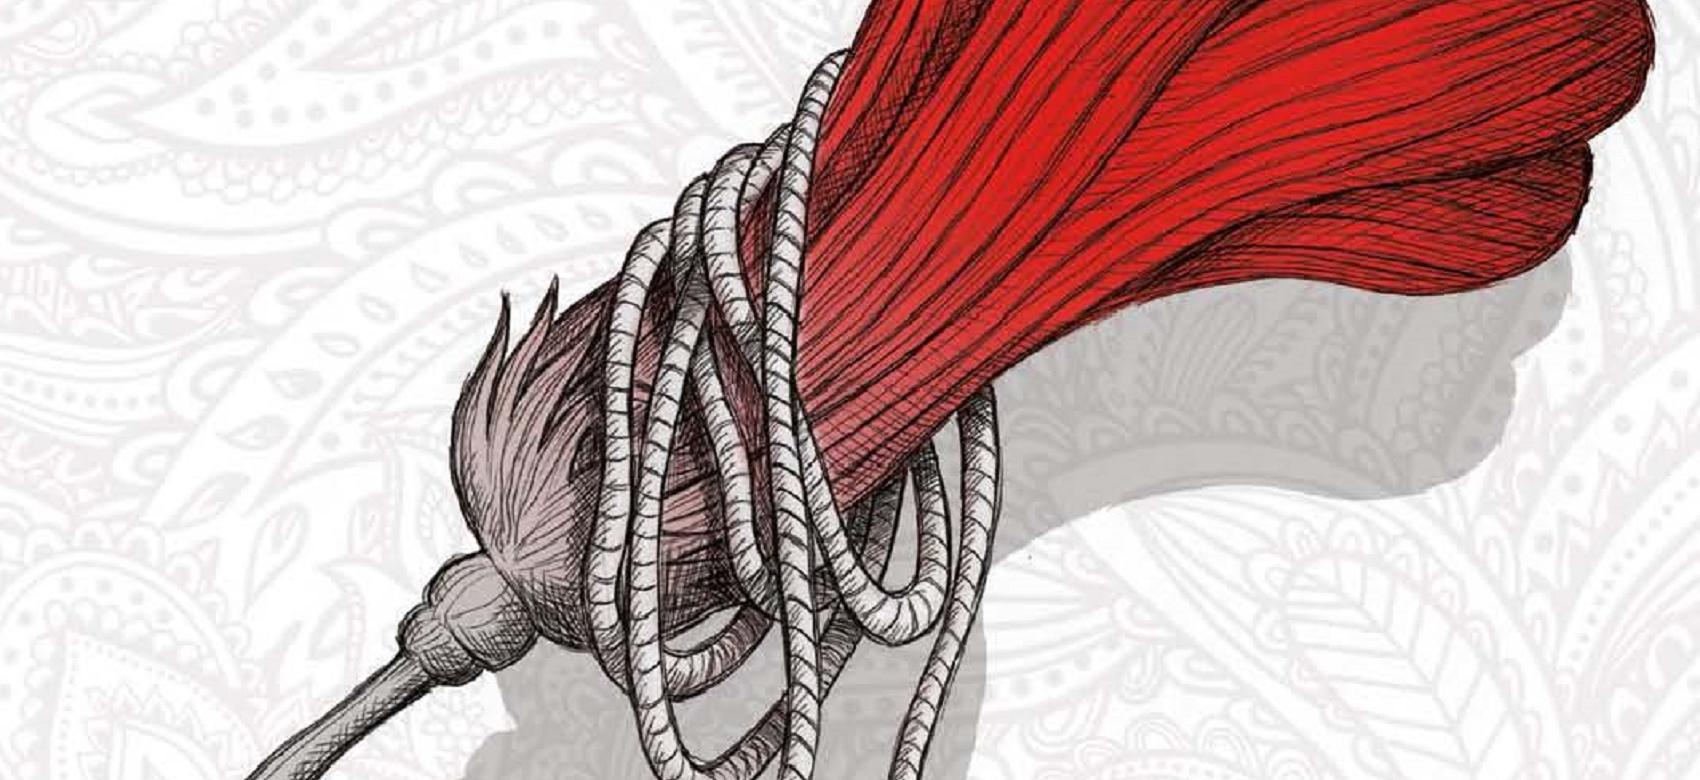 Dibujo de un plumero rojo con cuerda